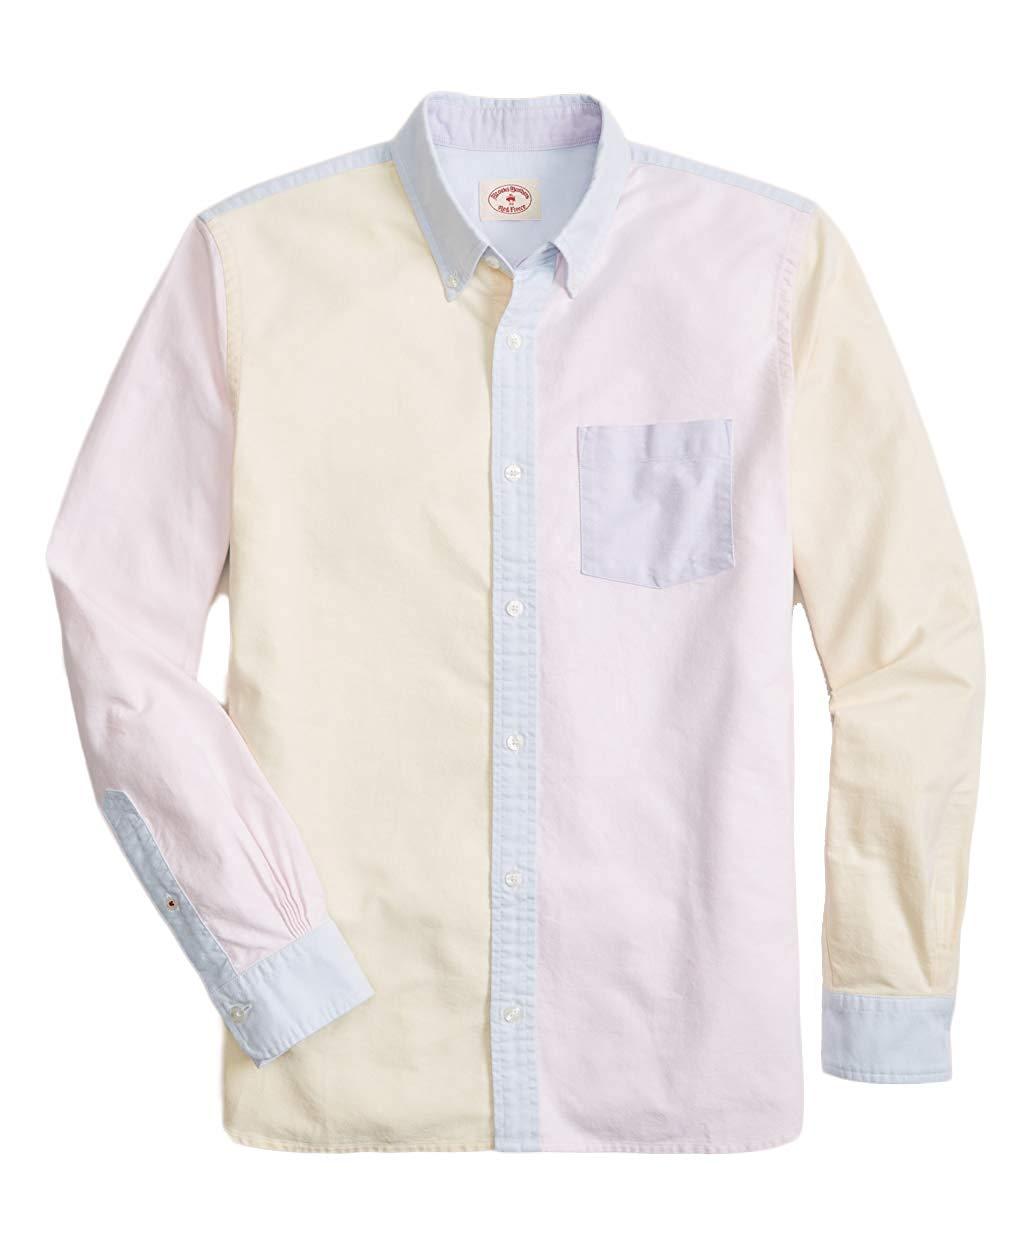 ブルックスブラザーズのシャツ